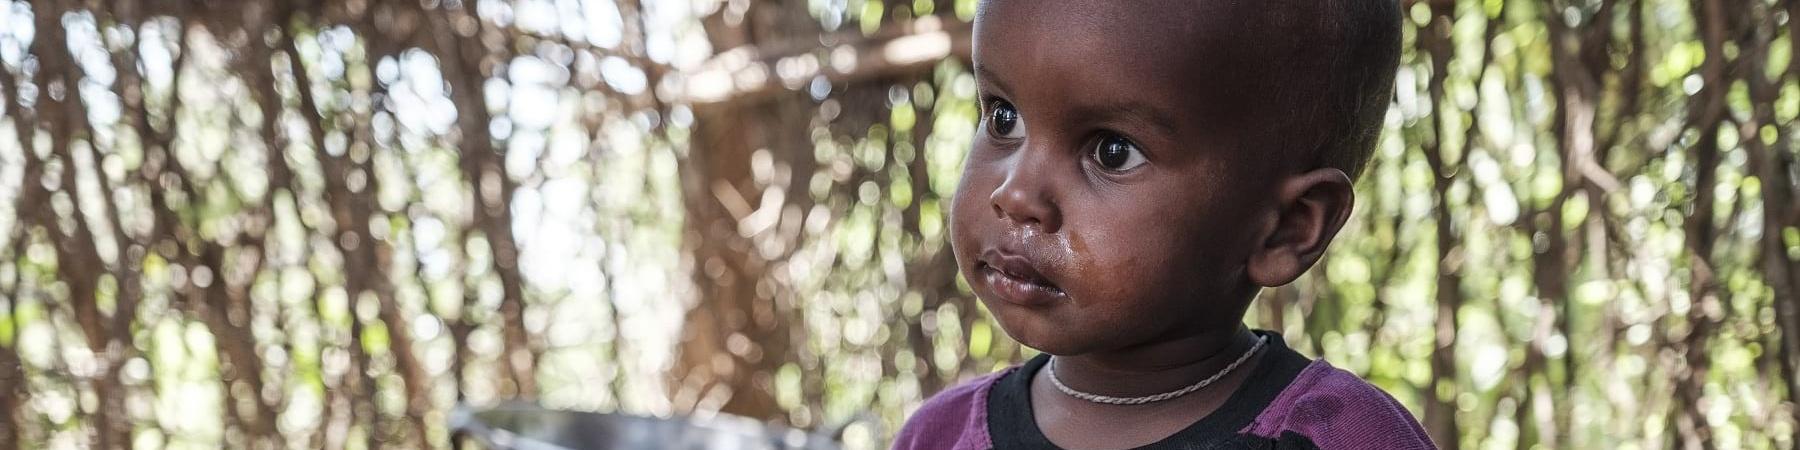 Bambino africano seduto a terra riparato in una capanna indossa una maglietta viola a strisce gialle e guarda alla sua destra.